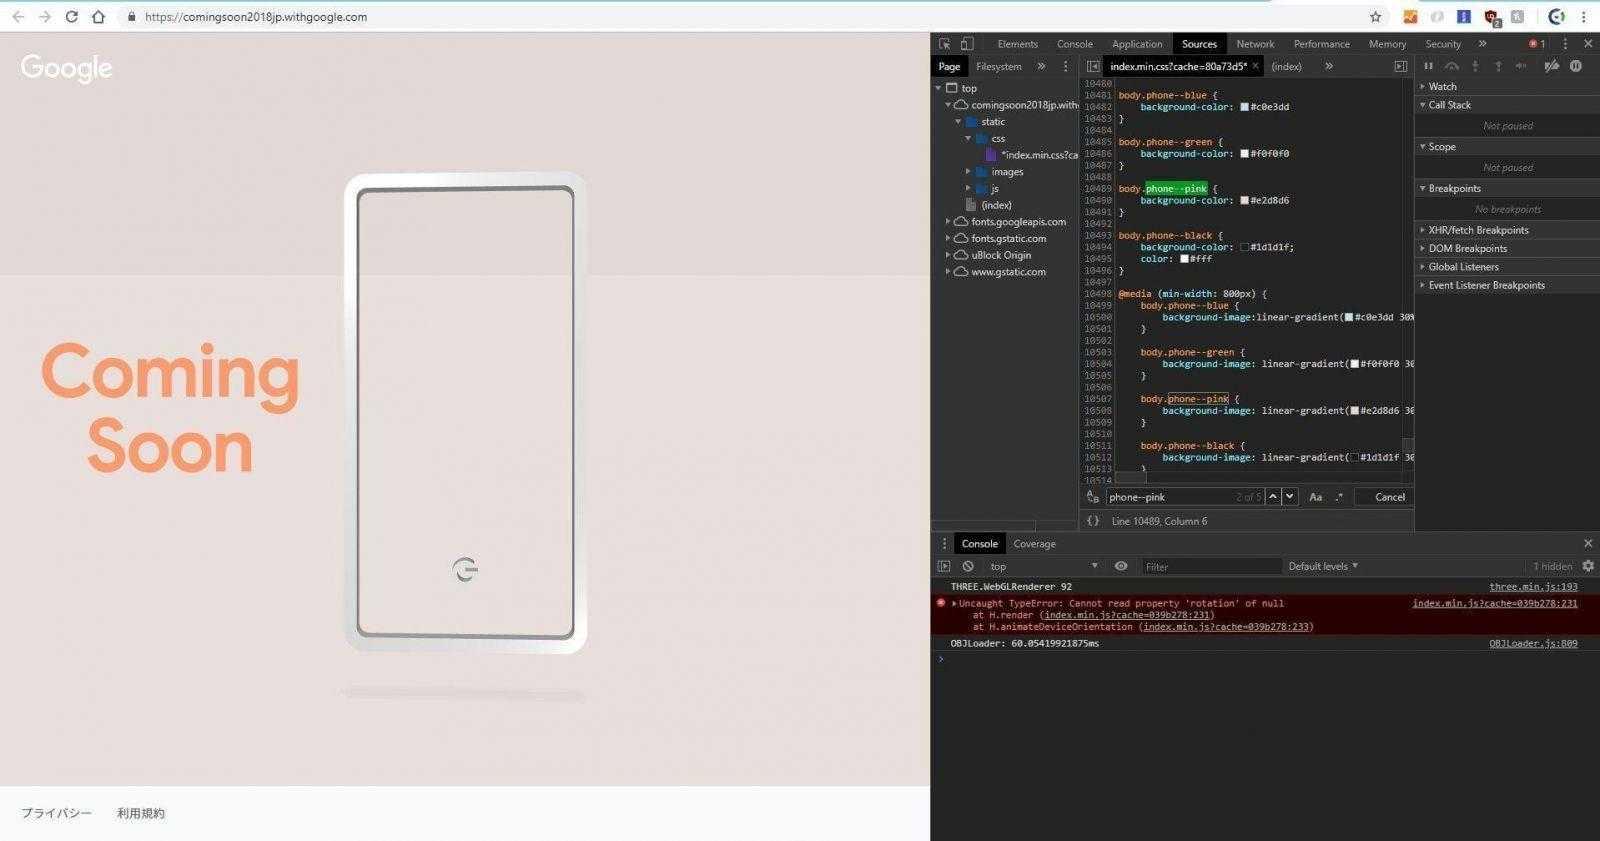 Слухи: Pixel 3 может выйти в четырех цветах (dnpijybvaaabsg4.jpg large)